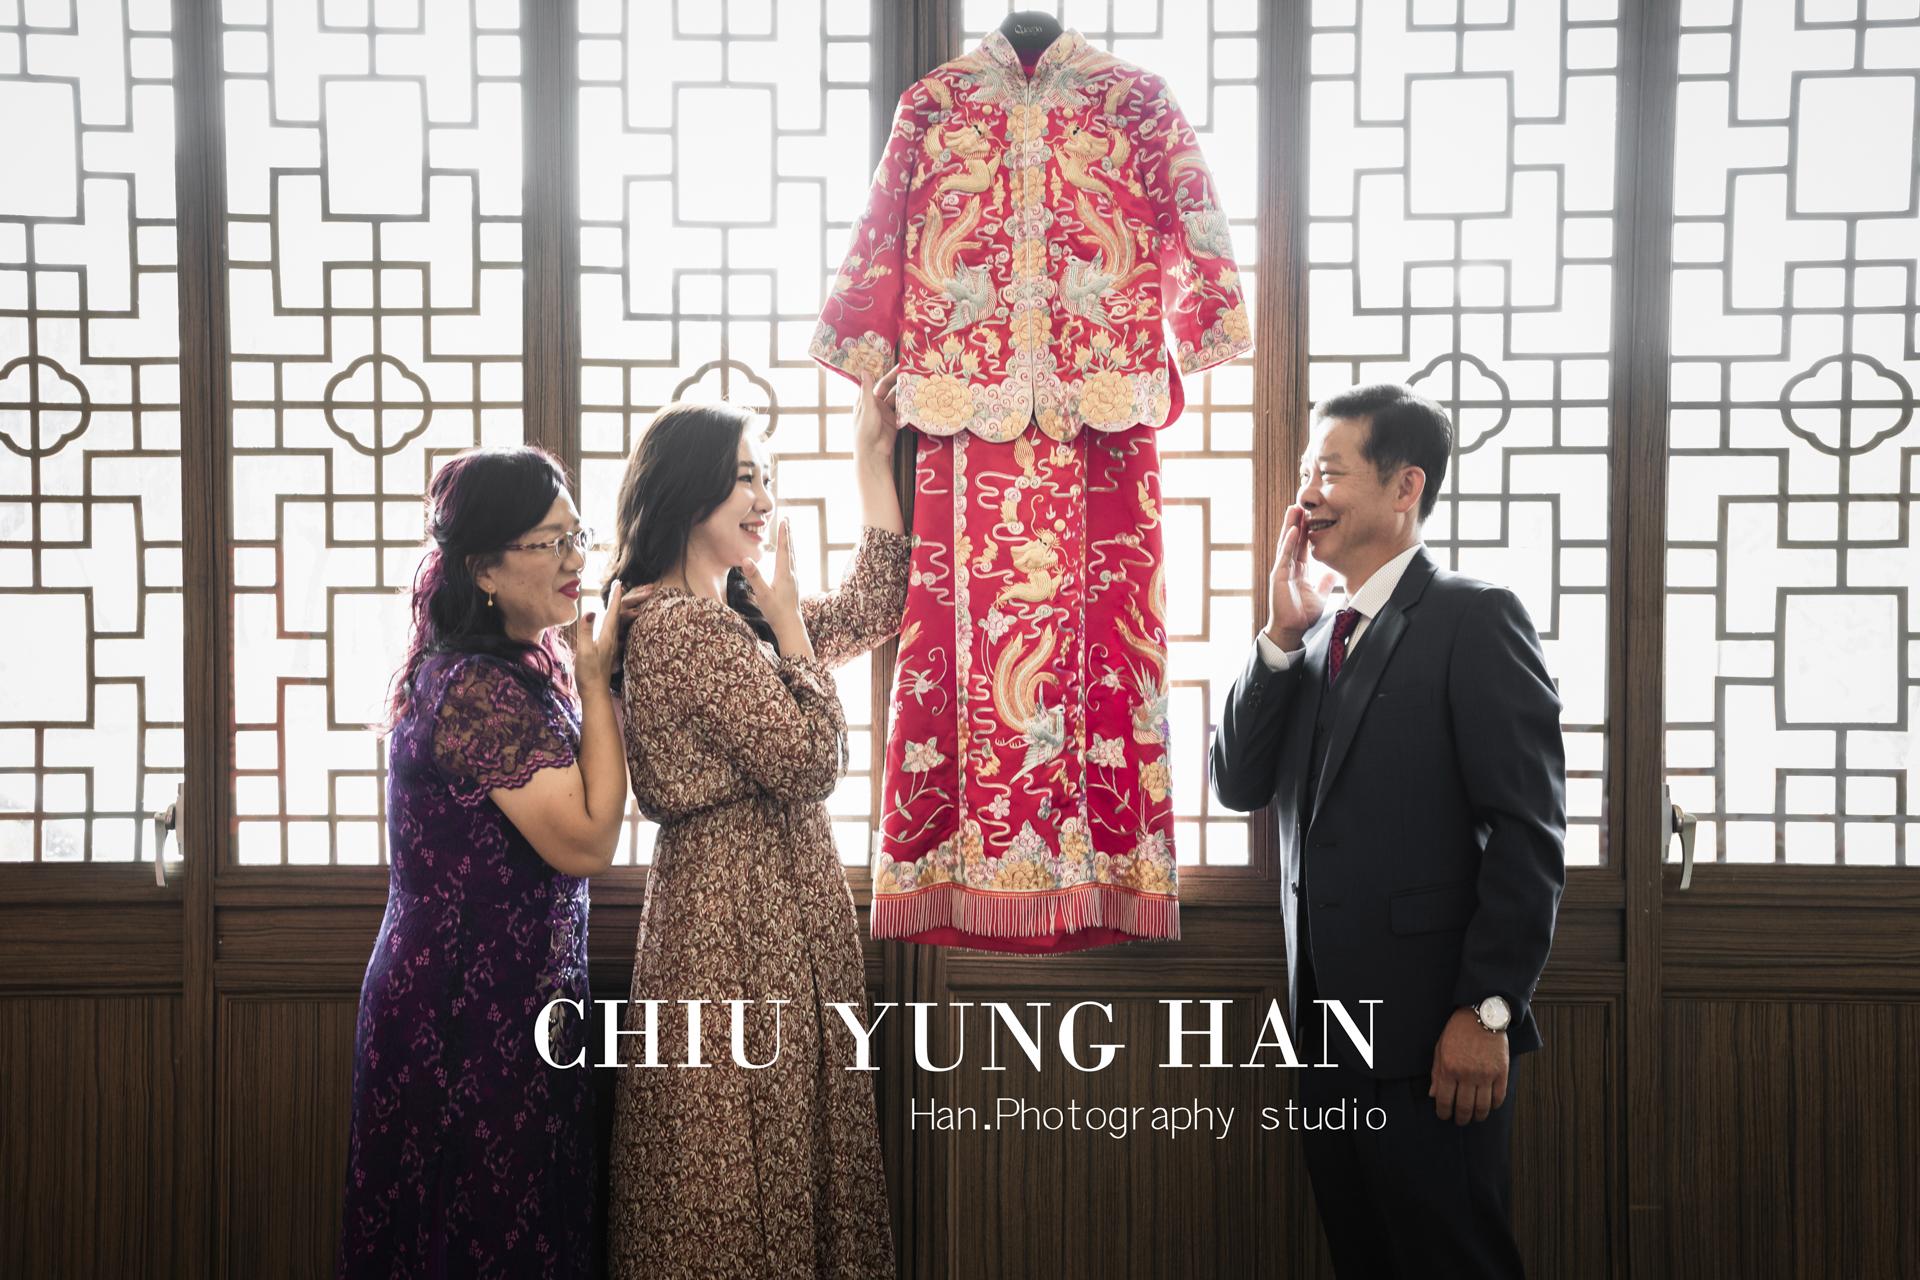 彰化婚禮紀錄,中式文定,江屋婚宴會館,婚禮紀錄,婚攝